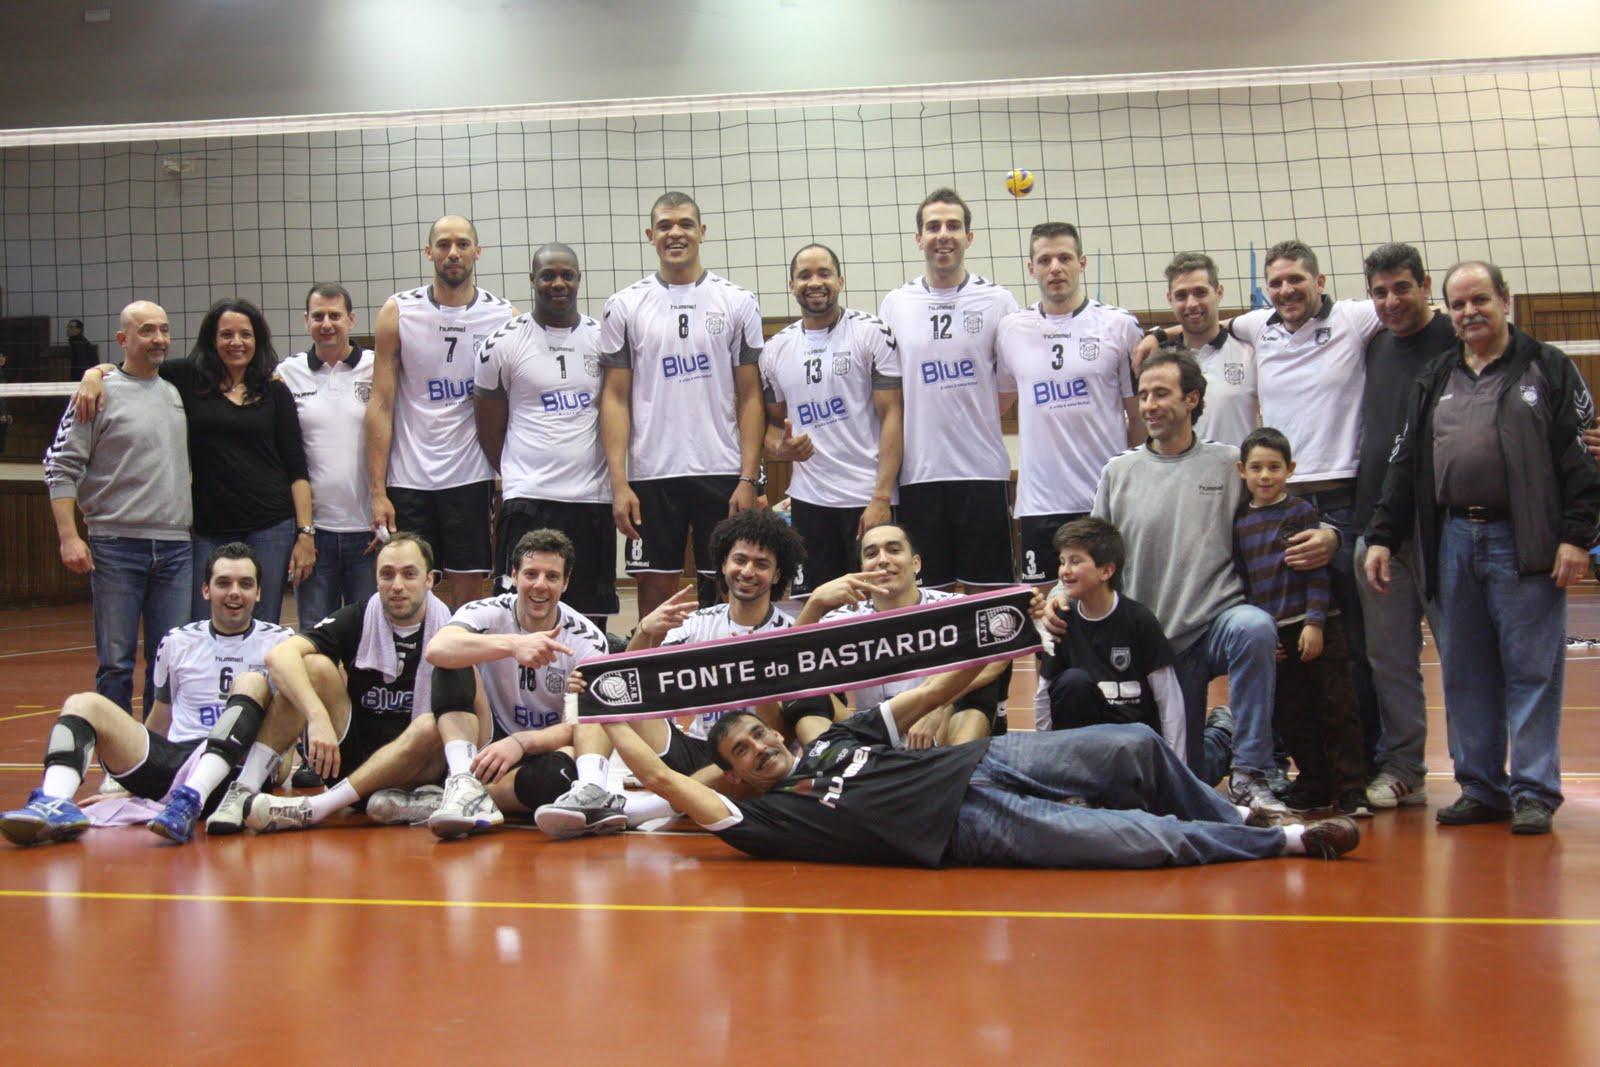 ajfontebastardo.blogspot.com